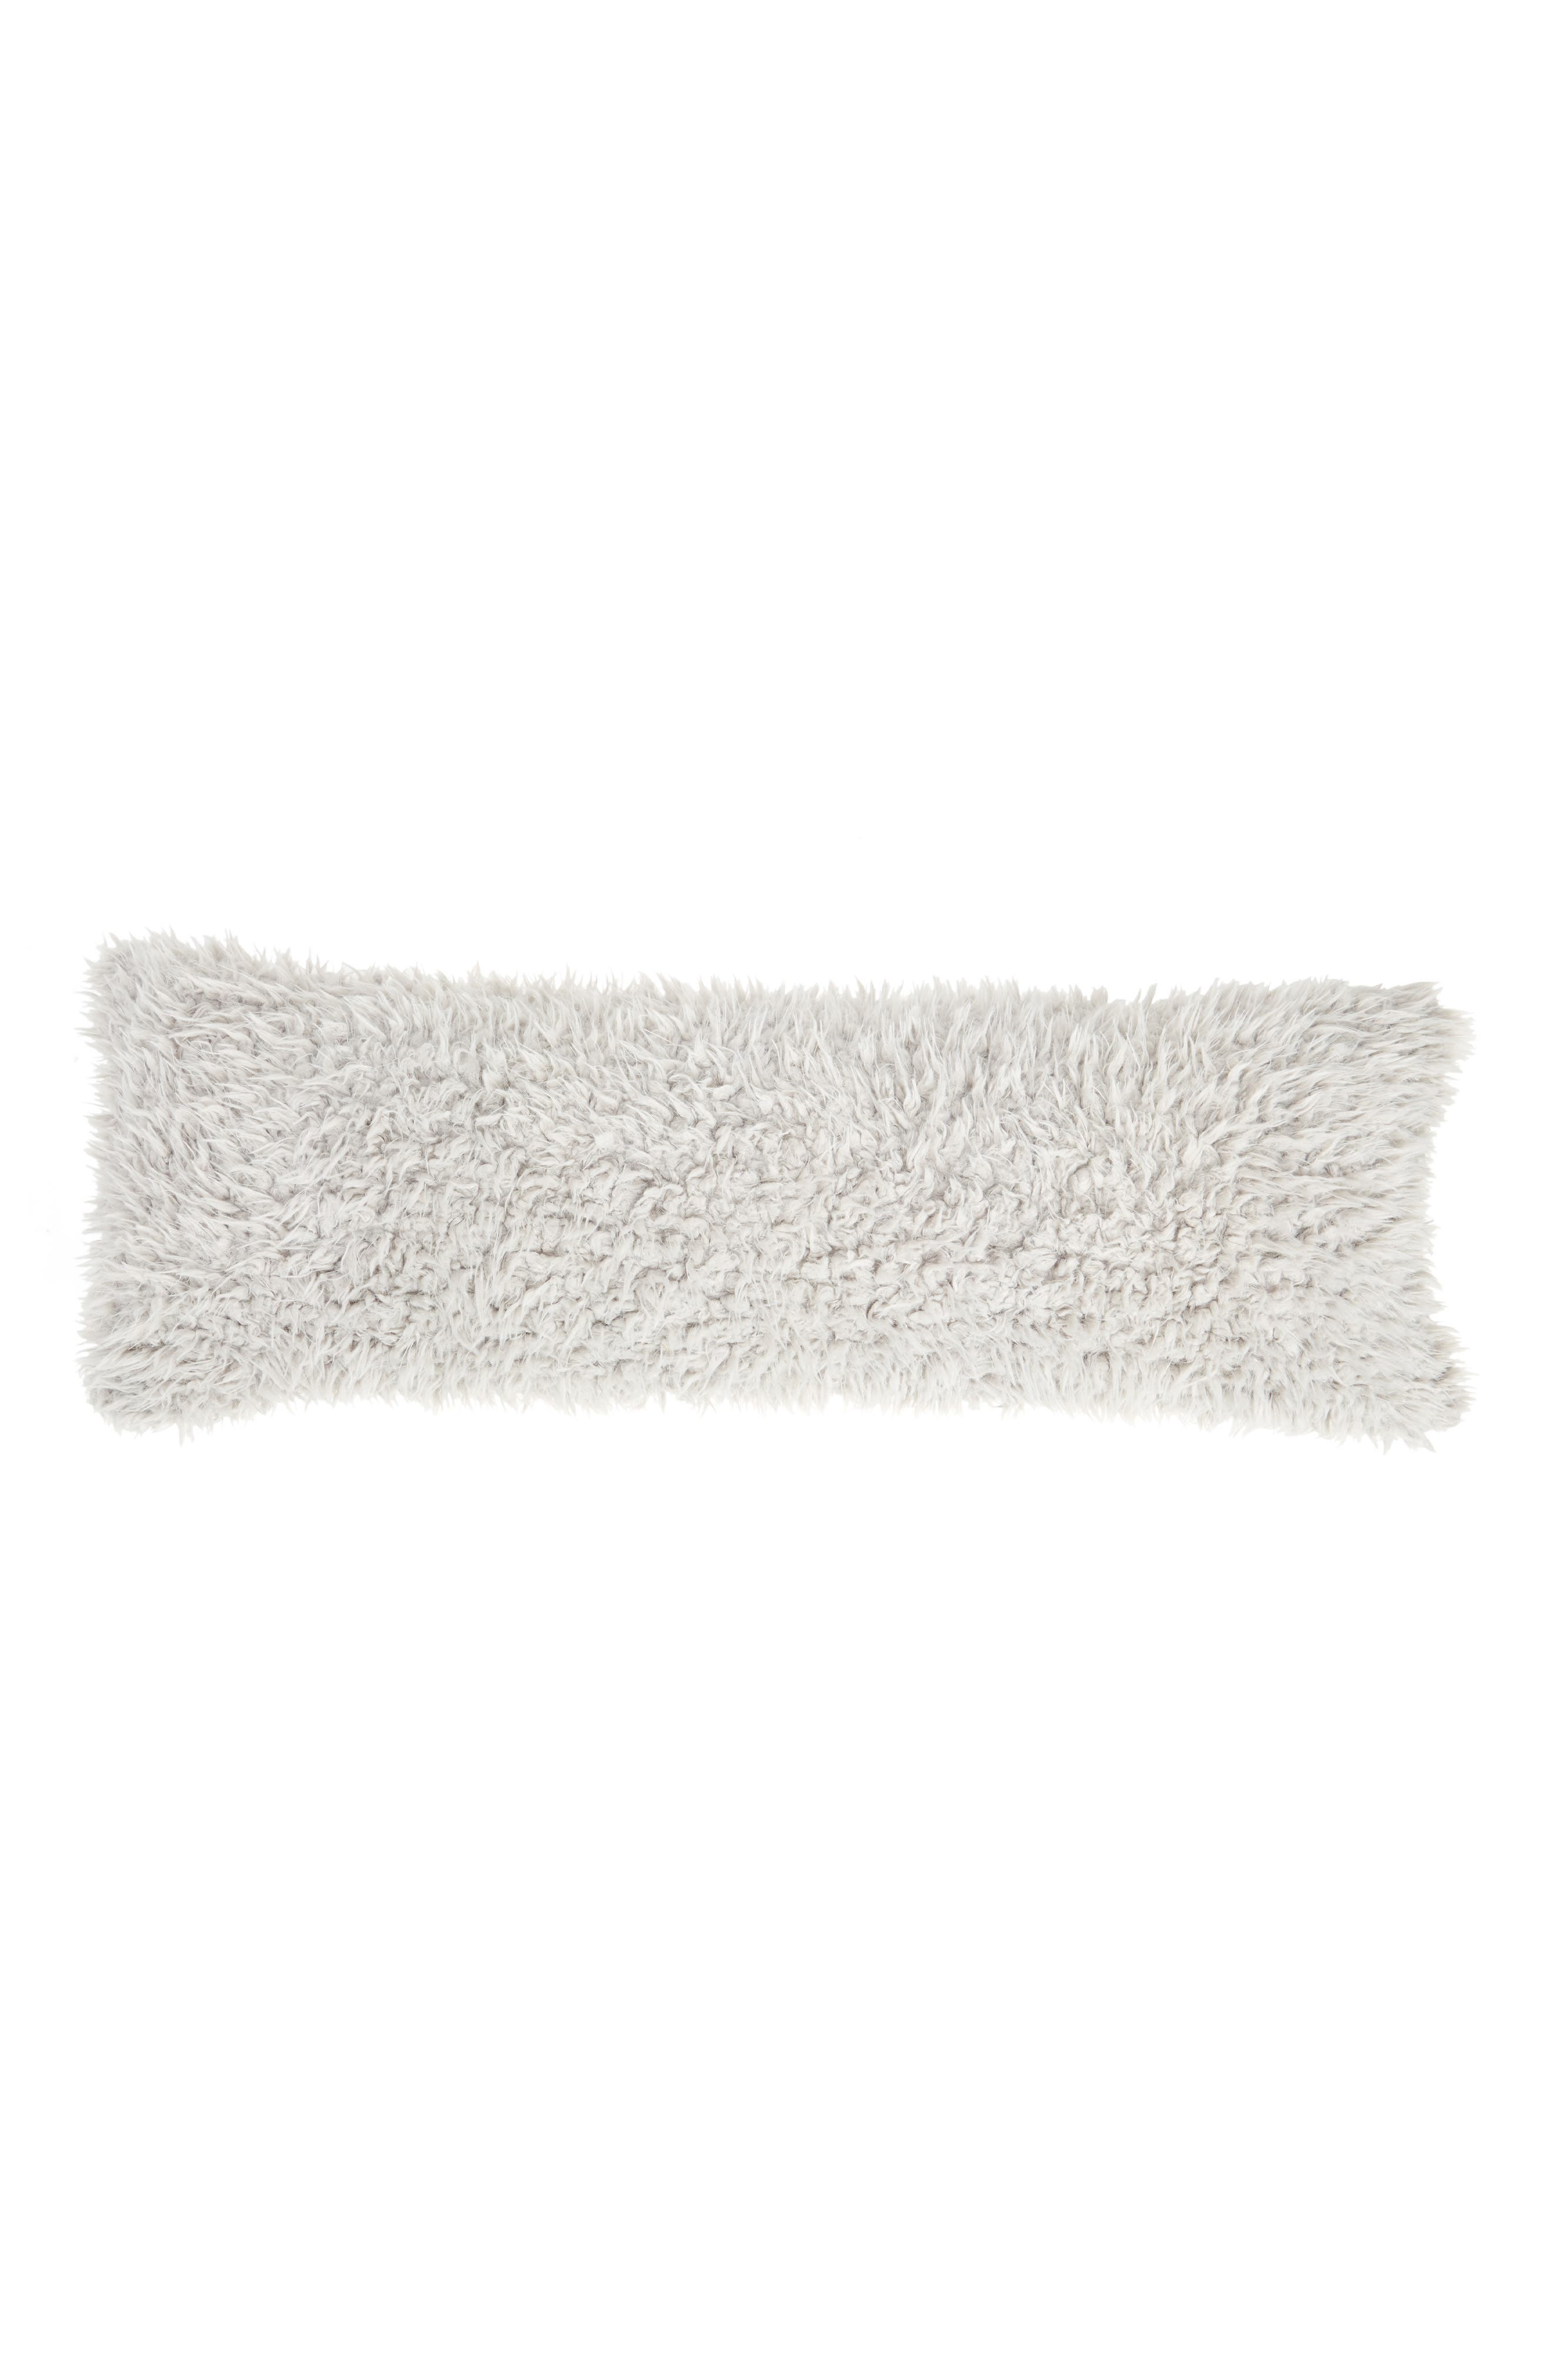 Shaggy Faux Fur Pillow,                             Main thumbnail 1, color,                             020